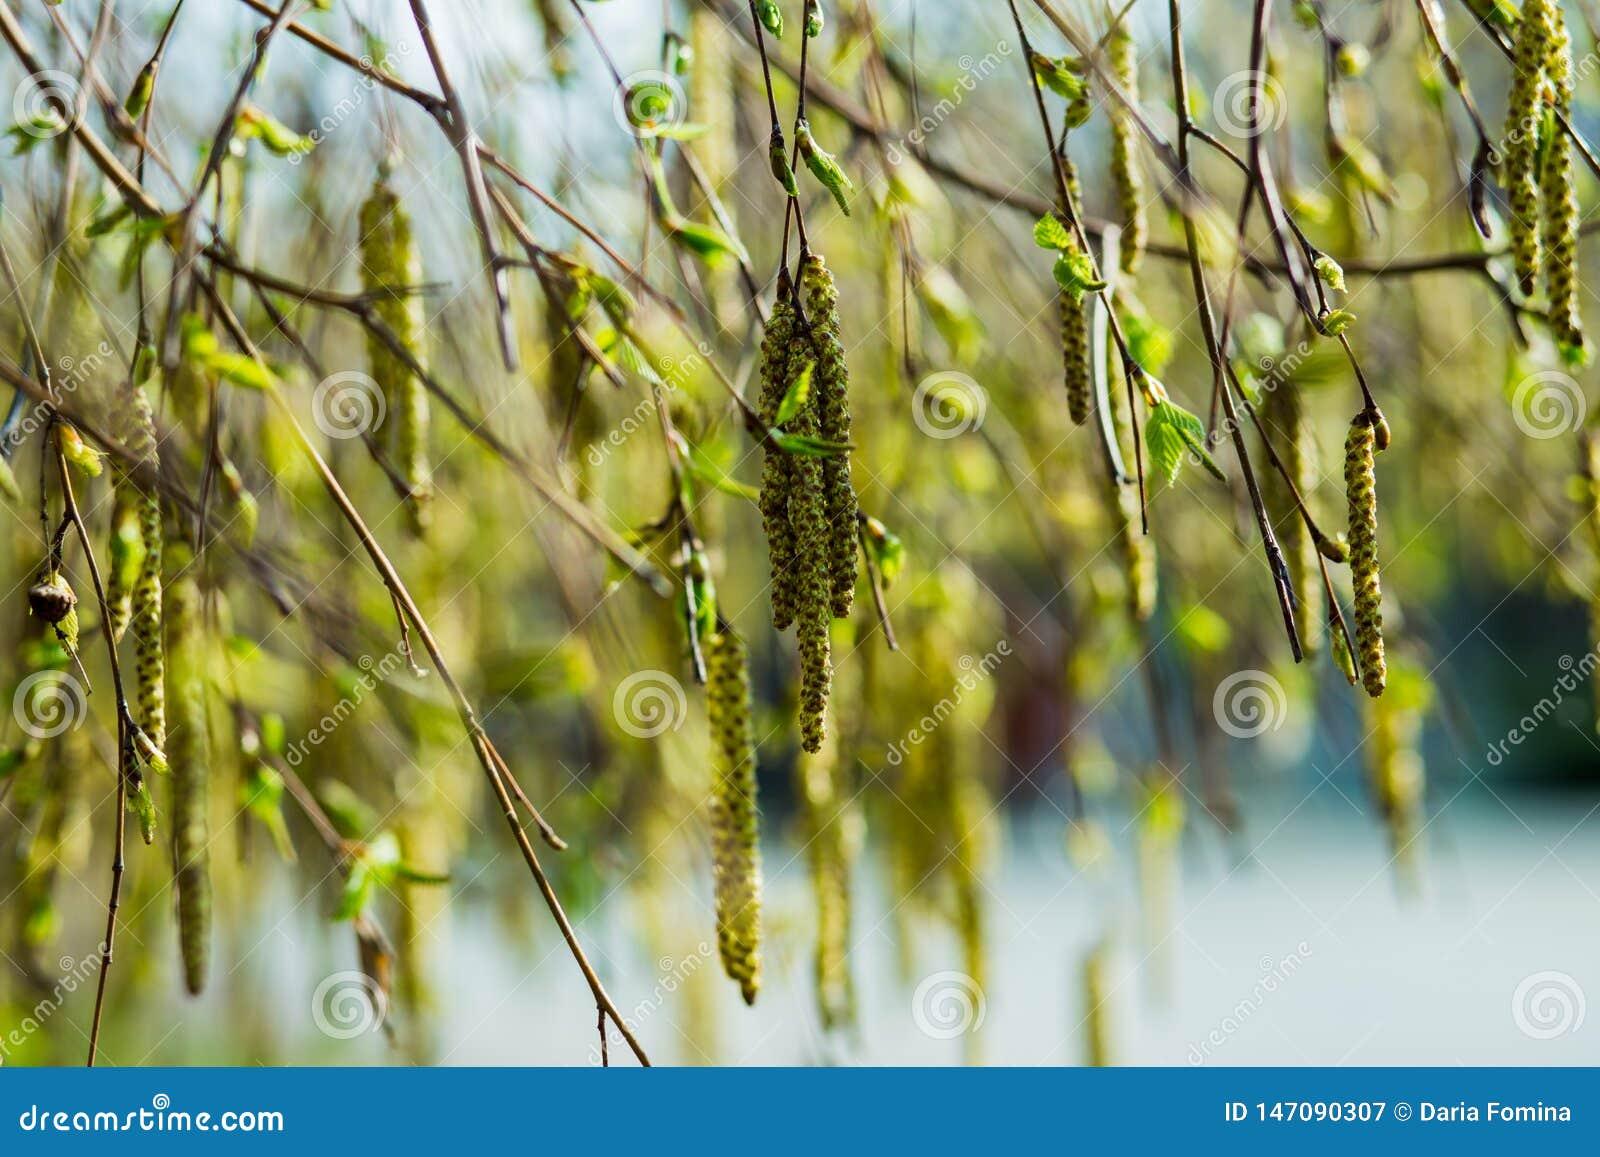 Молодые зацветая длинные catkins на ветвях дерева ольшаника в предыдущей весне